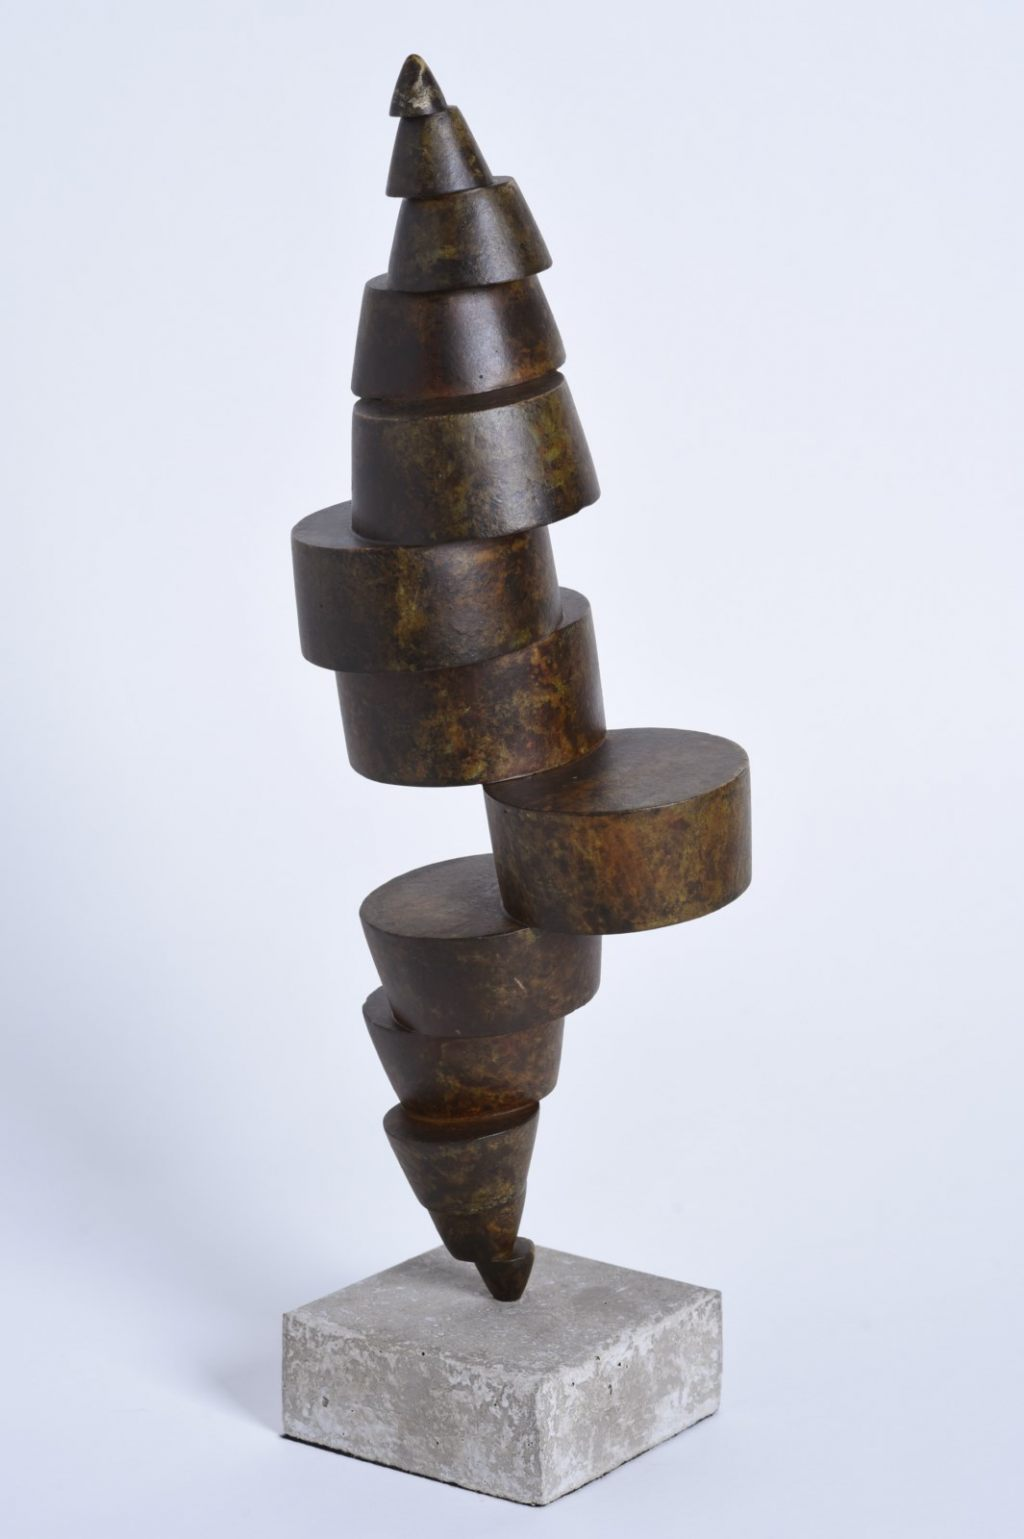 Sculpture-fer-patine-verni-socle-beton-hauteur:43cm-artiste-sculpteur-contemporain-Felix-Valdelievre-2016